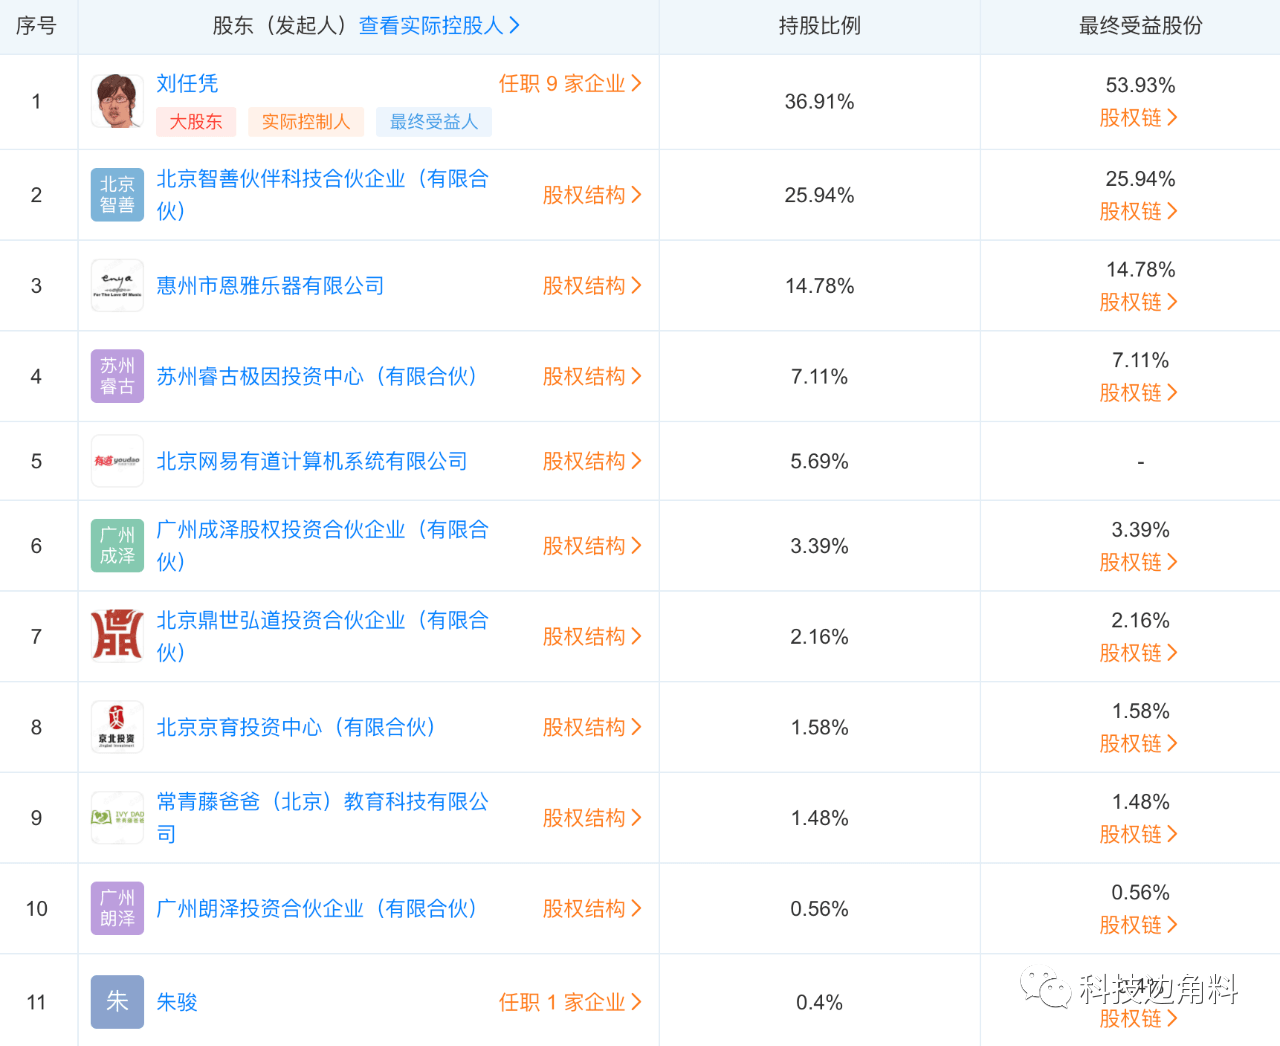 网易投资在线音乐教学平台银月豆荚公司,持股5.69%